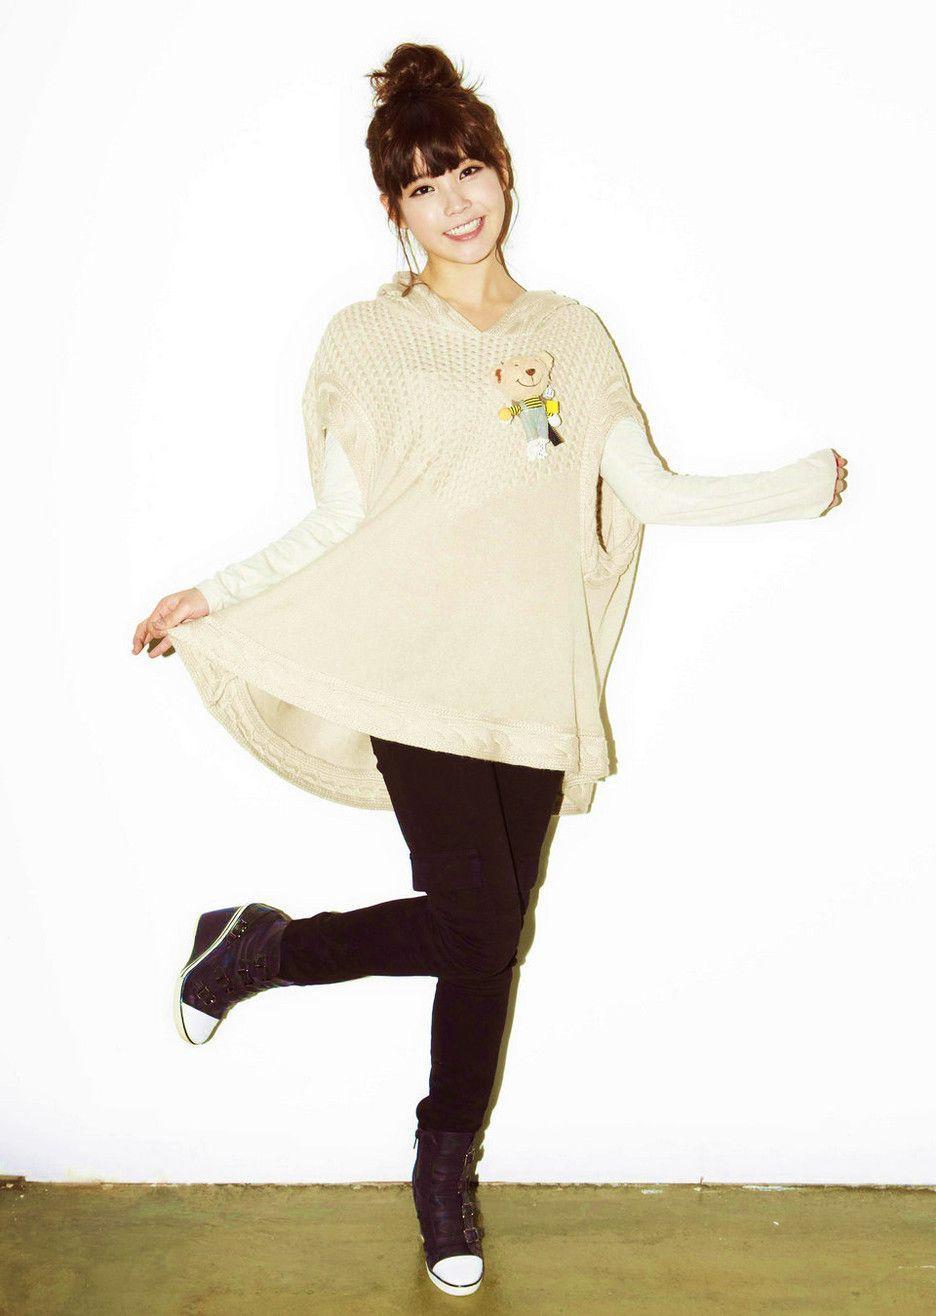 아이유IUアイユー李智恩 ::: SH K-STAR PHOTO